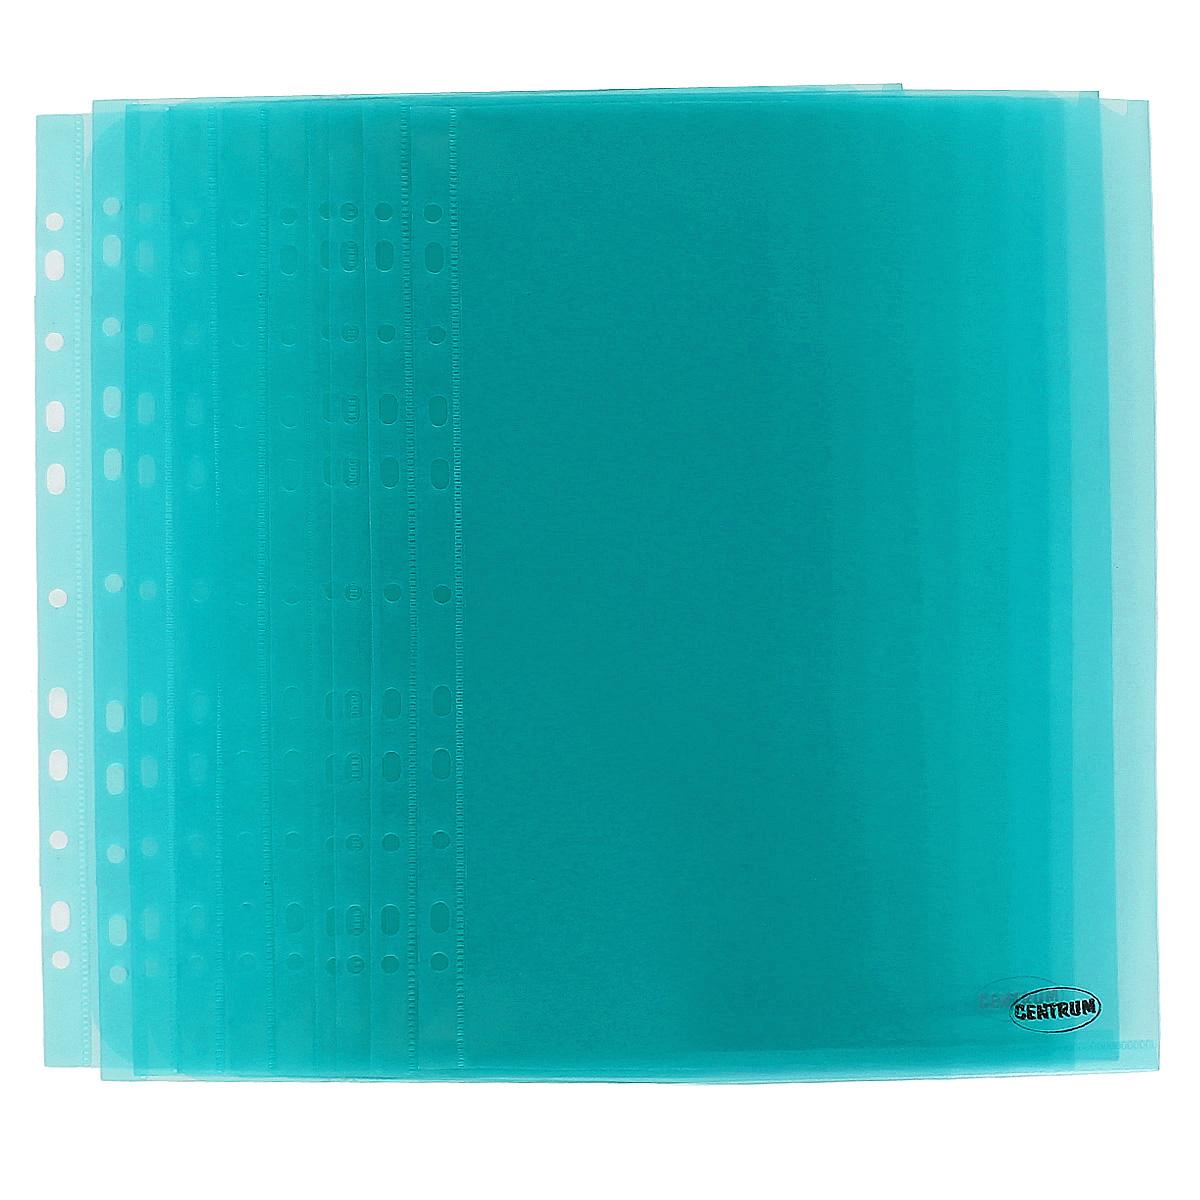 Папка-уголок Centrum, с перфорацией, цвет: зеленый. 10 шт80633ОПапка-уголок Centrum, с перфорацией - это удобный и функциональный офисный инструмент, предназначенный для хранения и транспортировки рабочих бумаг и документов формата А4. Папка изготовлена из полупрозрачного, прочного пластика, имеет перфорацию. В комплект входят 10 папок формата A4. Папка-уголок - это незаменимый атрибут для студента, школьника, офисного работника. Такая папка надежно сохранит ваши документы и сбережет их от повреждений, пыли и влаги.